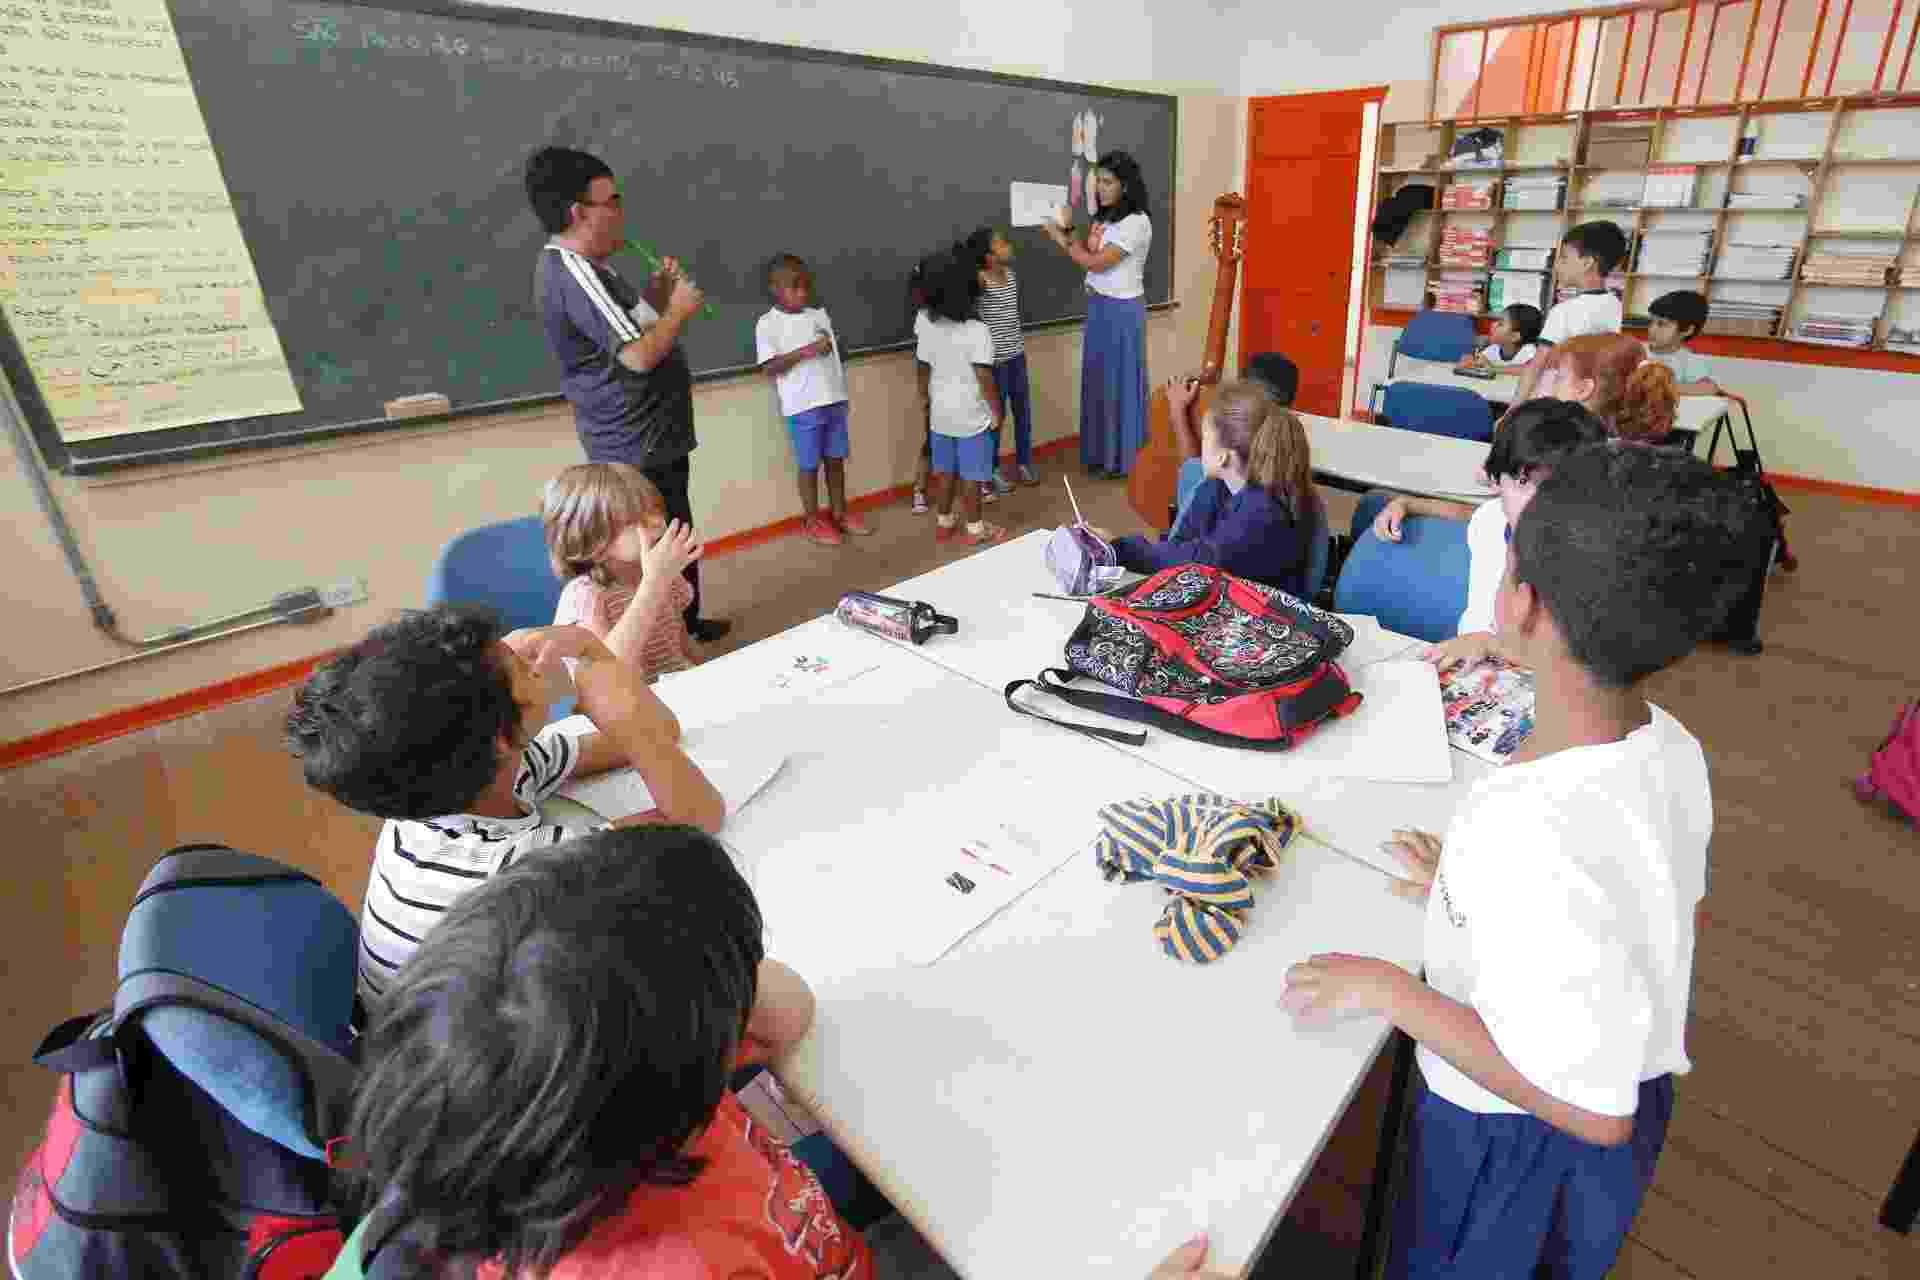 Emef (Escola Municipal de Ensino Fundamental) Desembargador Amorim Lima - Junior Lago/UOL